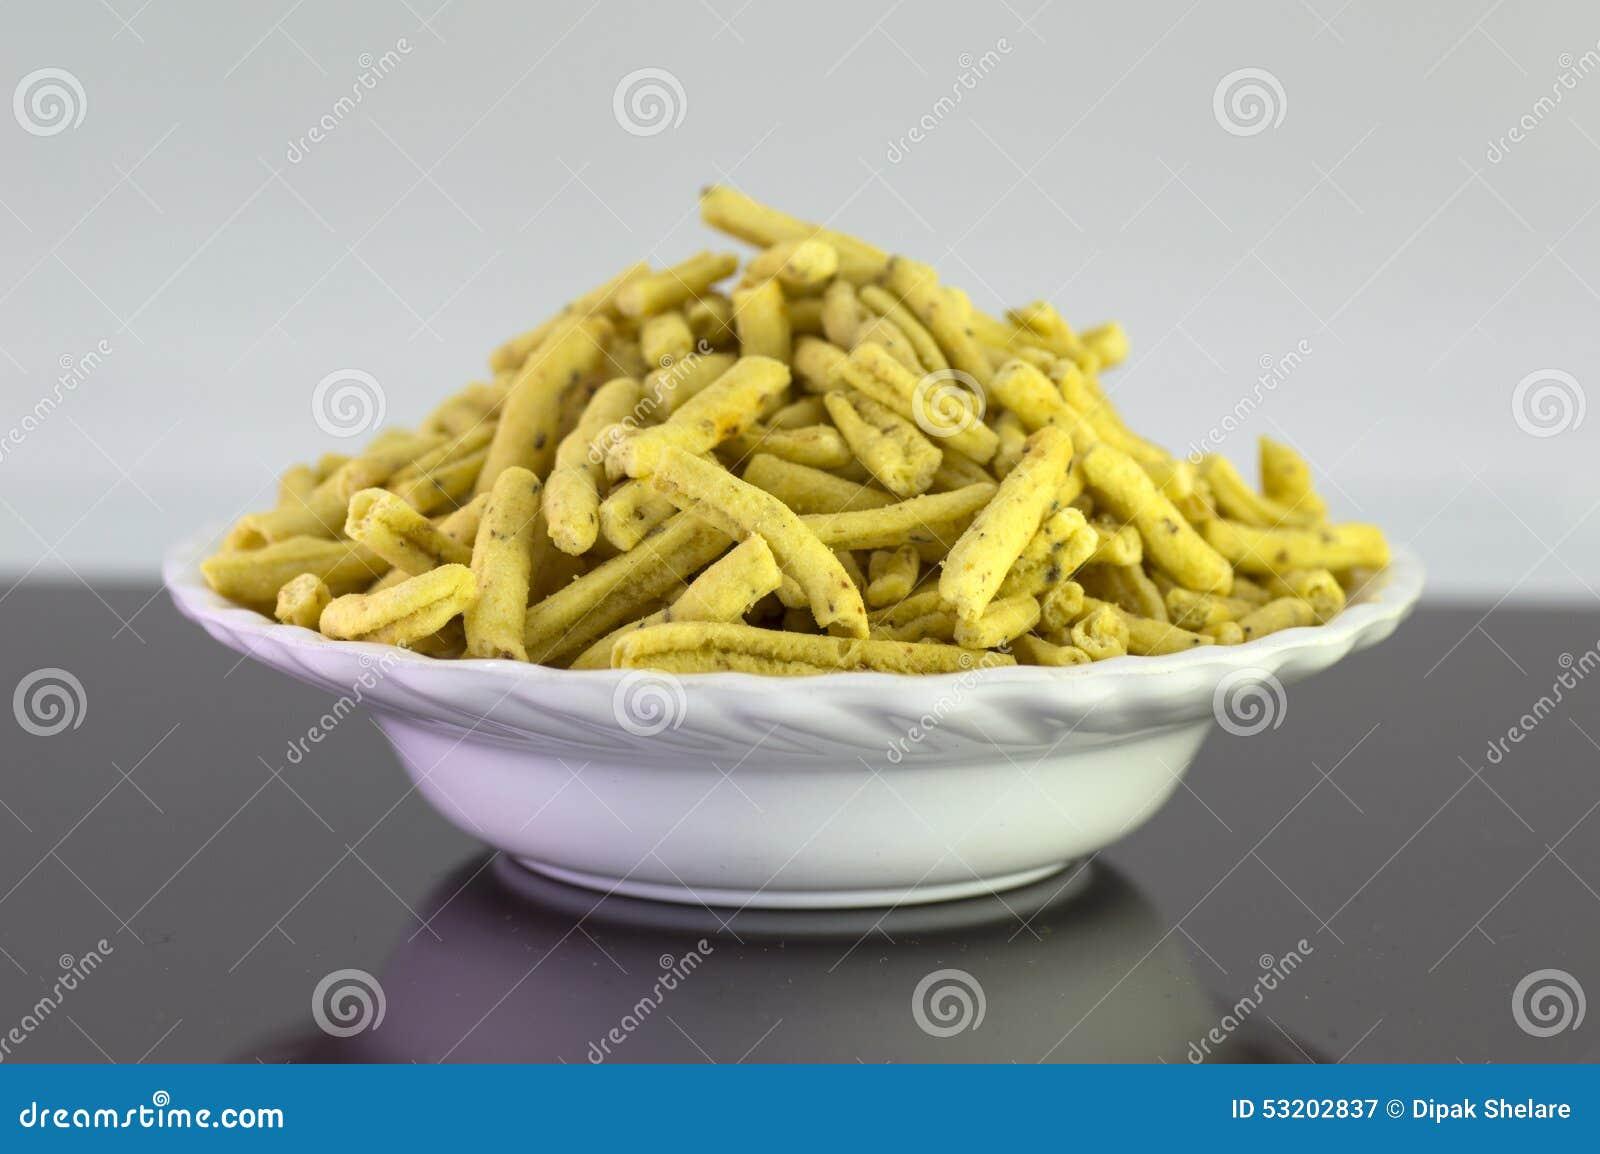 Ratlami Sev : Indian Snacks